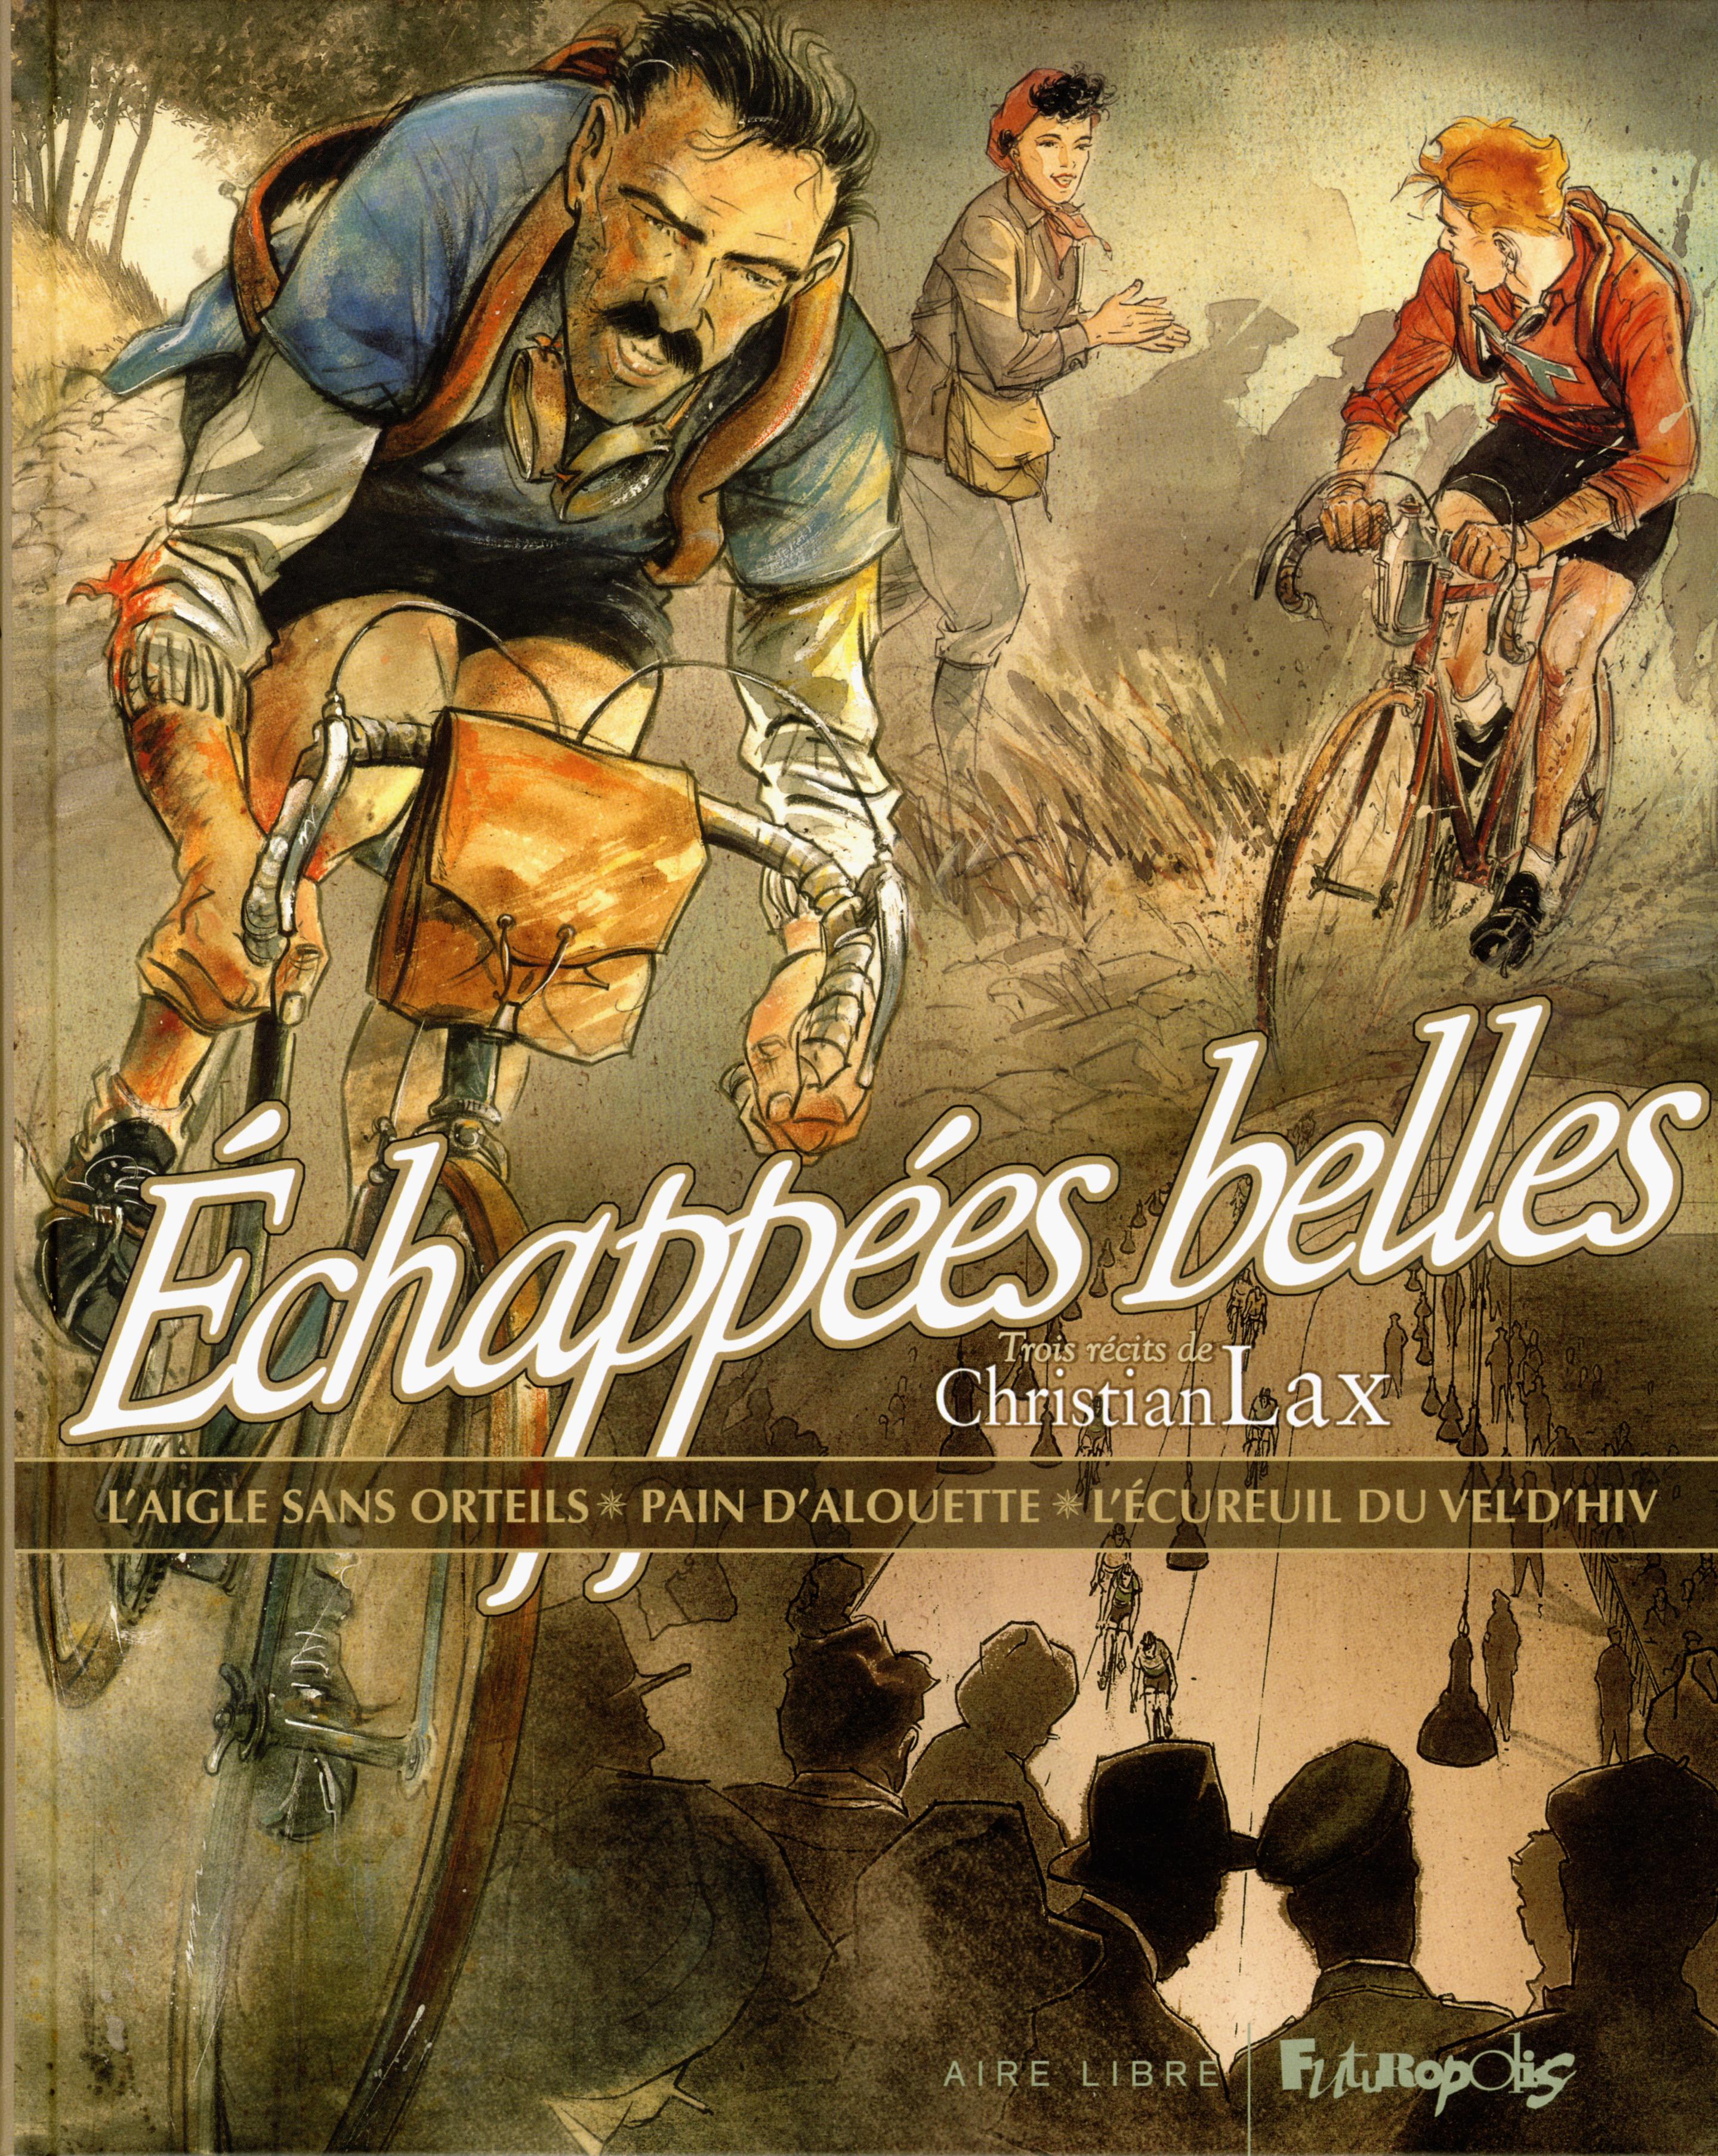 ECHAPPEES BELLES